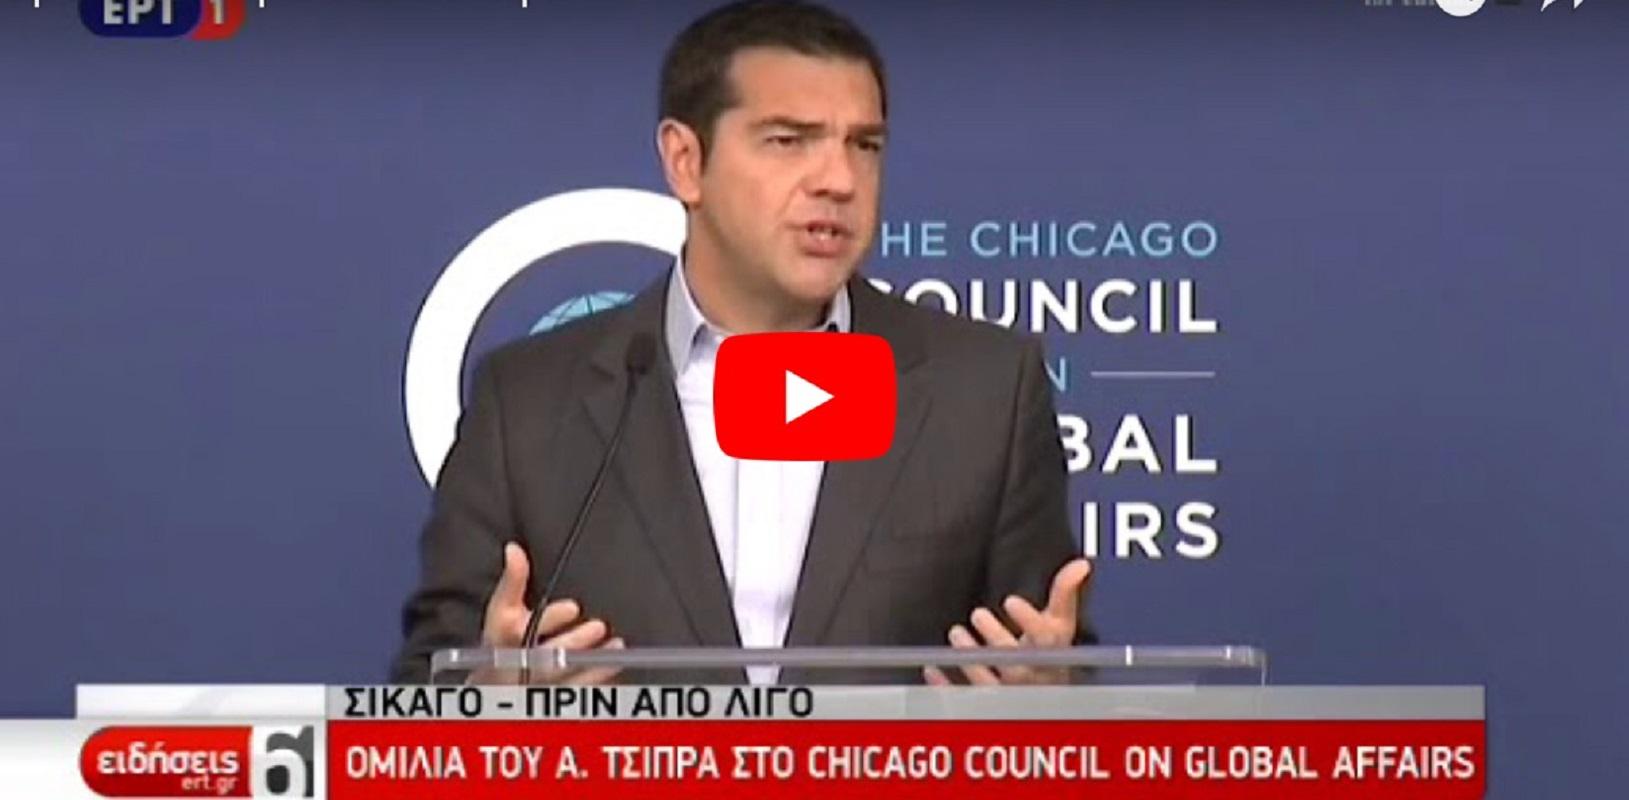 🇬🇷🇺🇸Ιστορική ομιλία του Αλέξη στο Σικάγο «Η Ελλάδα επιστρέφει έπειτα από επτά χρονια κρίσης» (βίντεο)